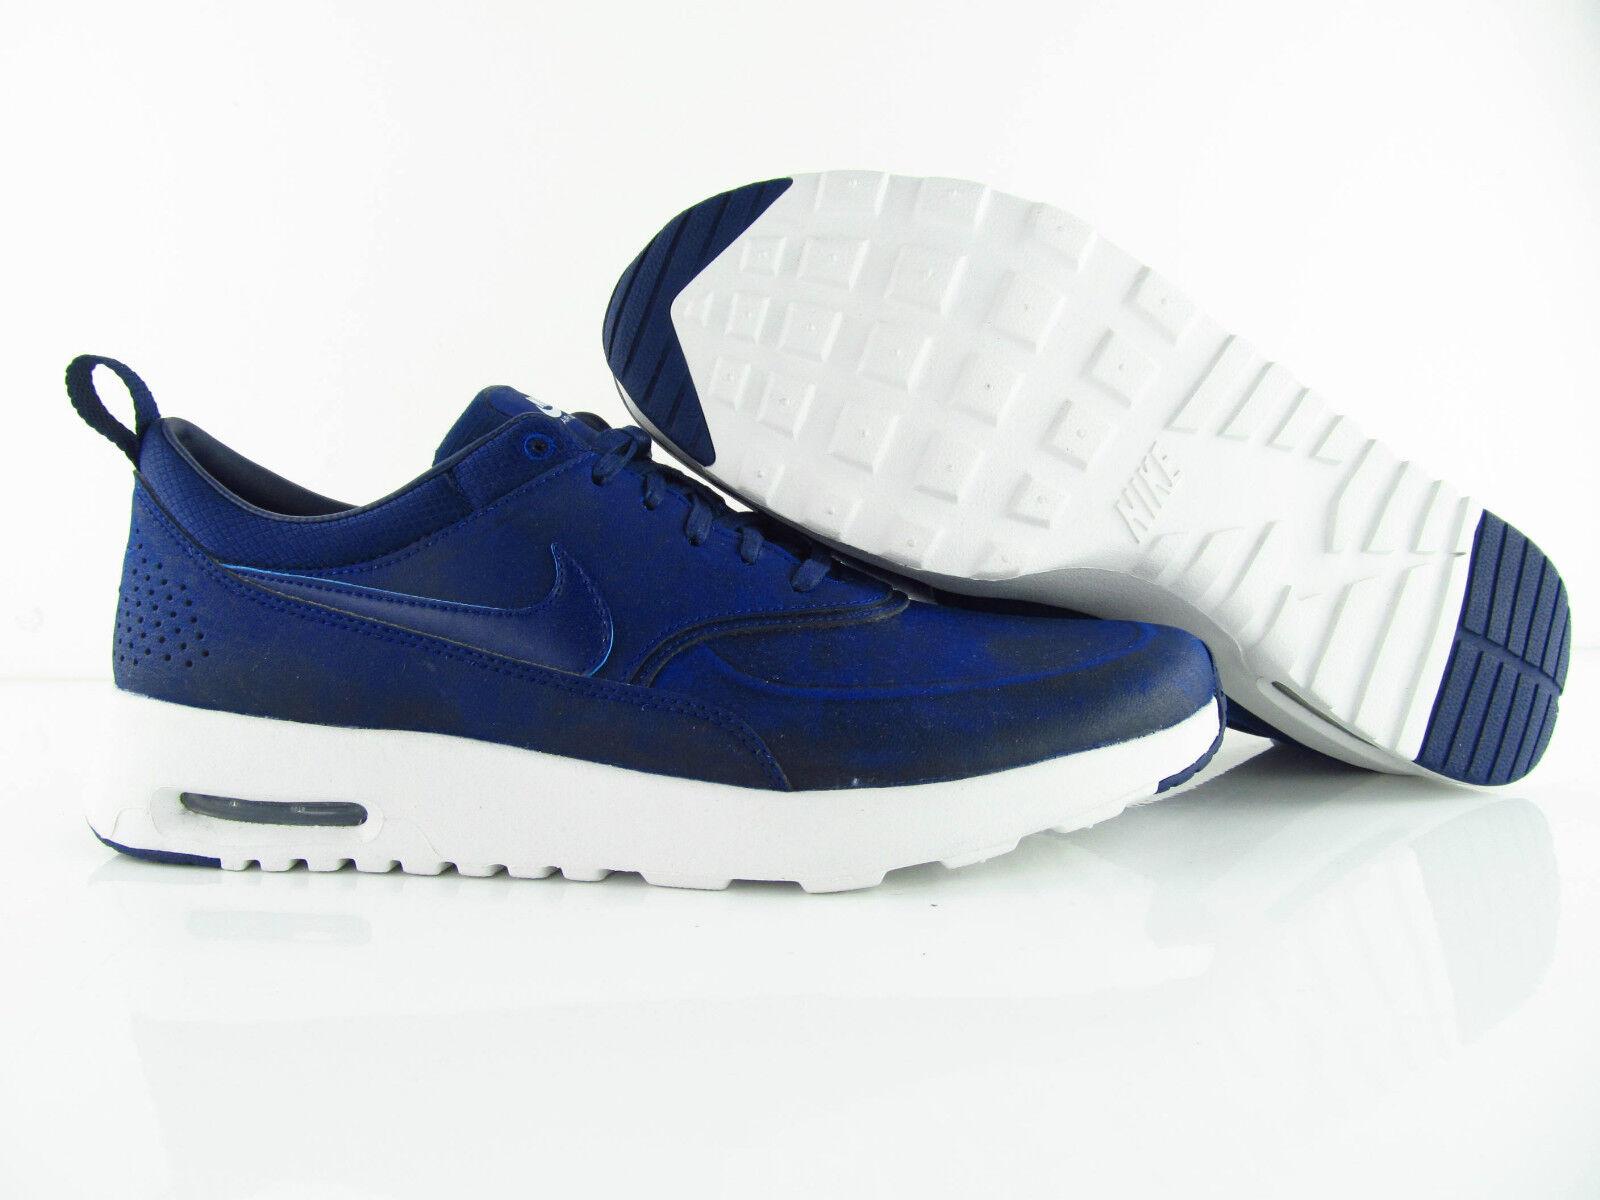 Nike Air Max Thea PRM Premium Loyal Blau New Eur 42.5    | Online-verkauf